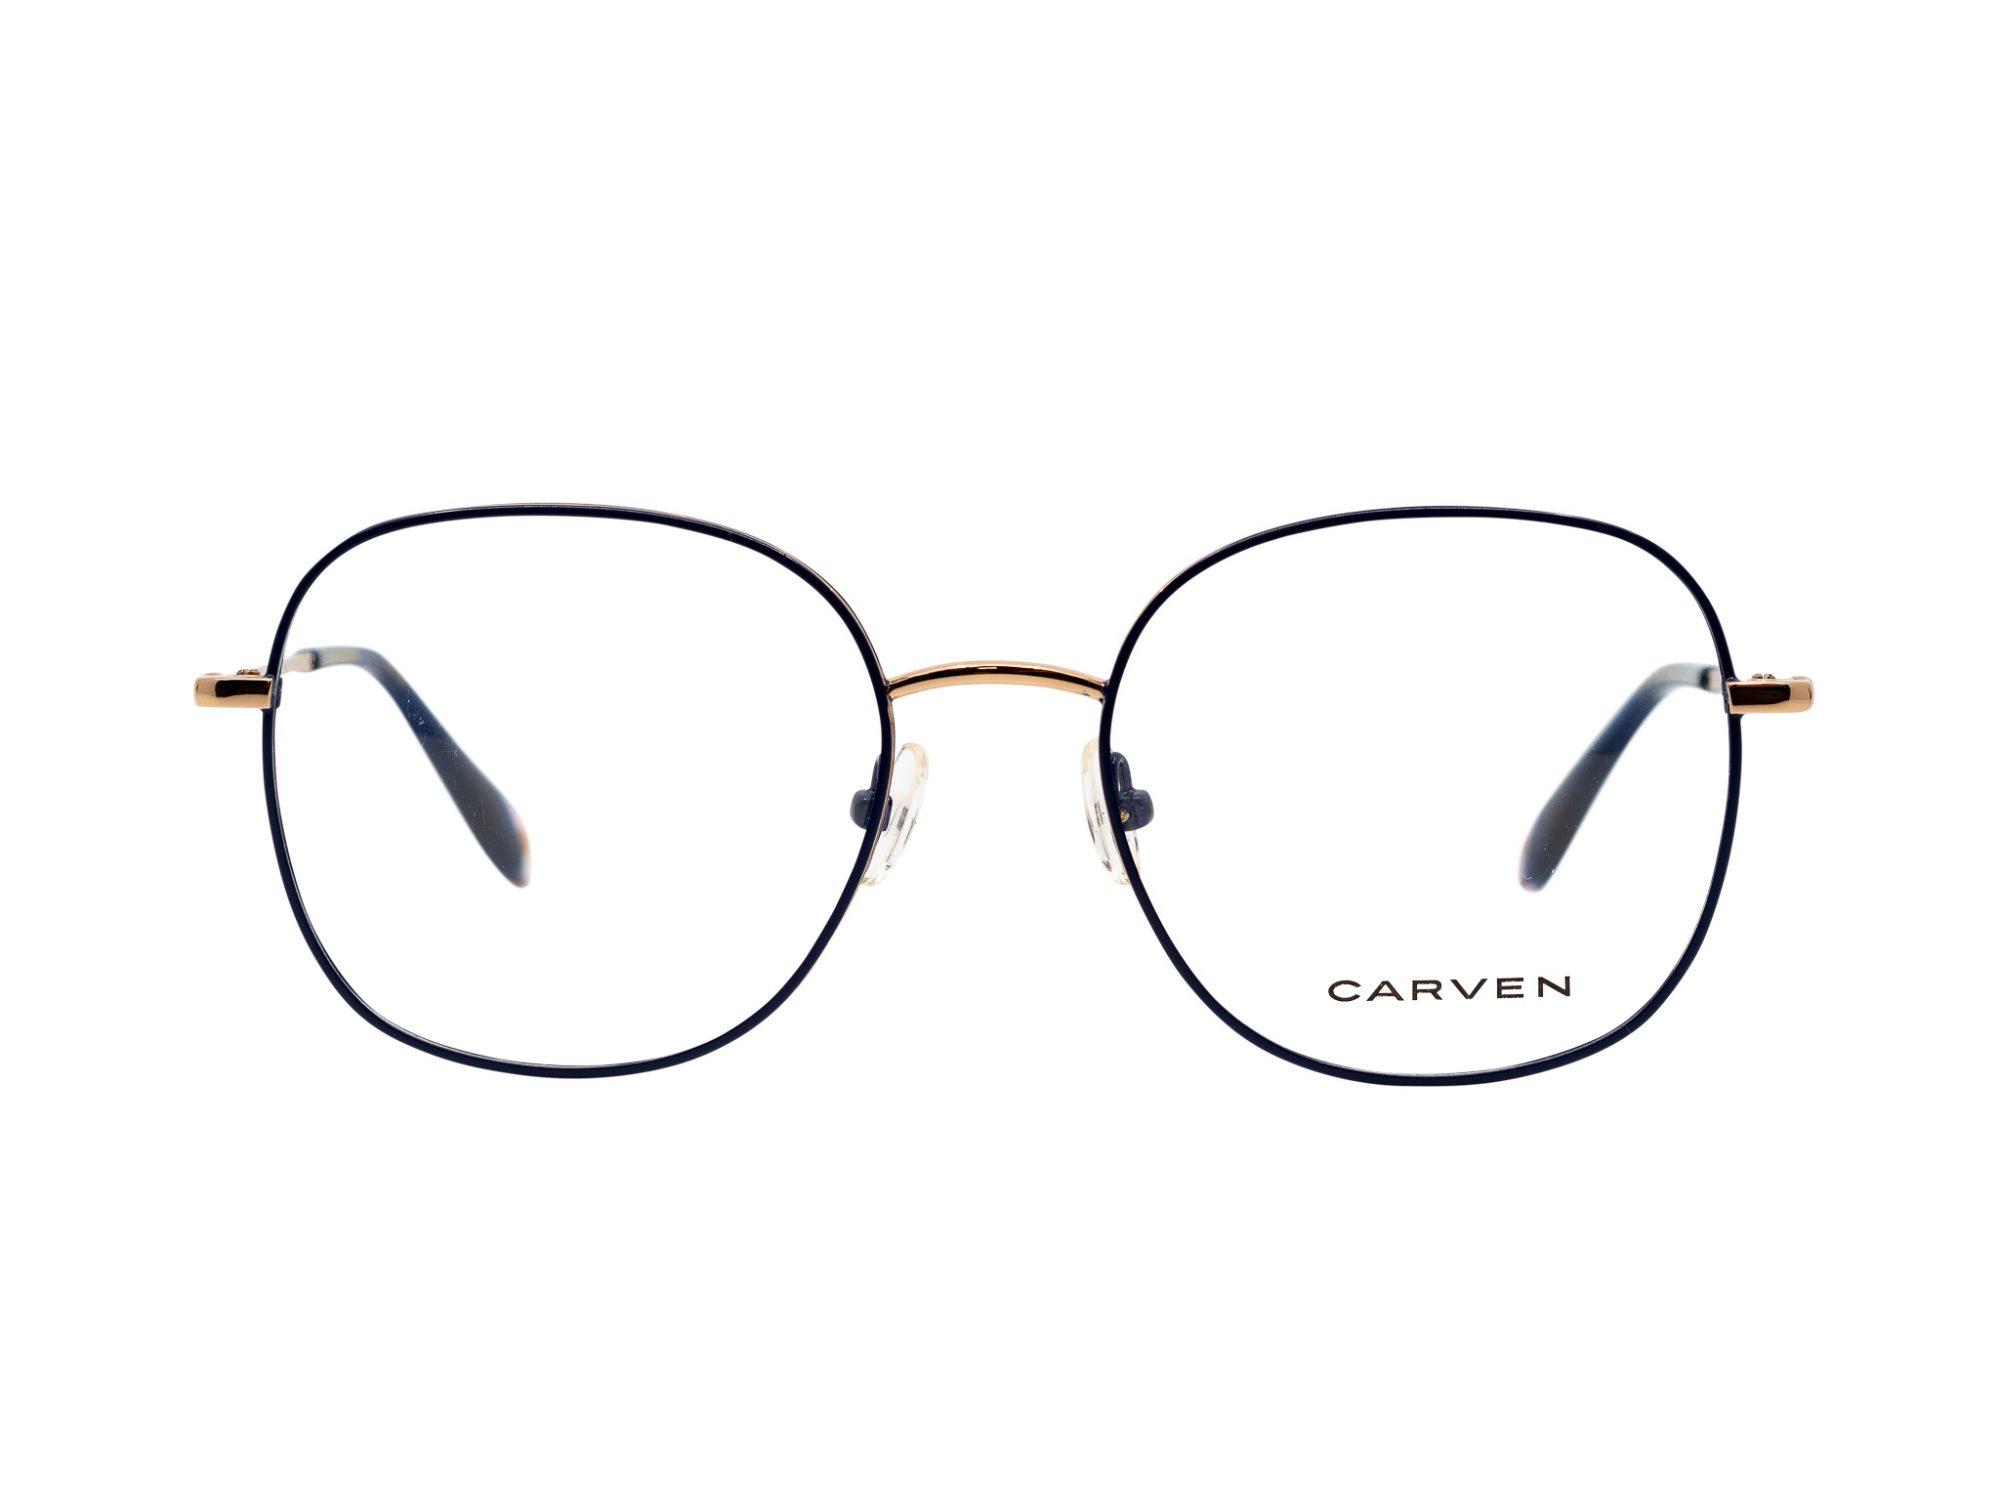 Carven CC1039 Blor